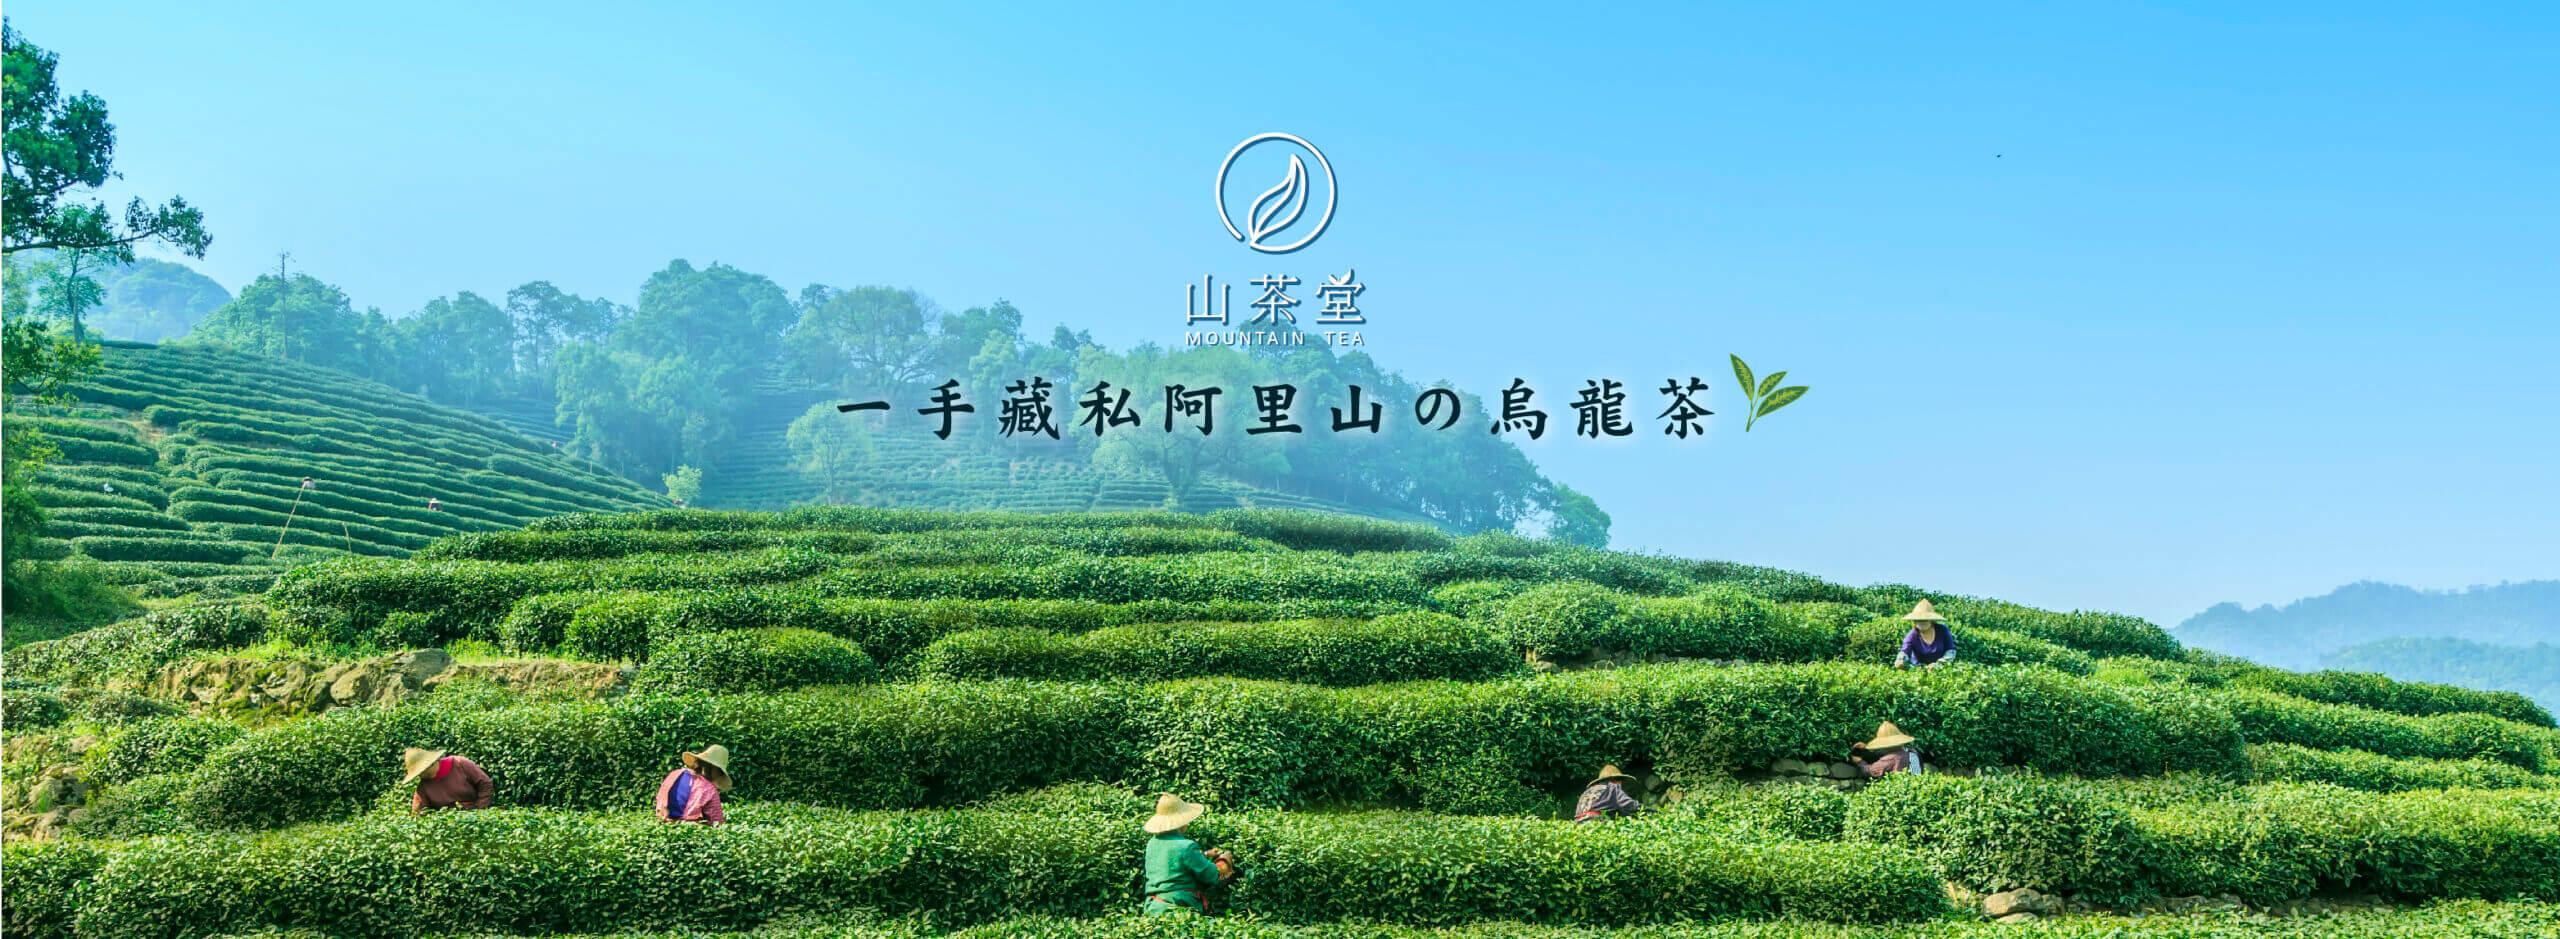 阿里山高山茶價格